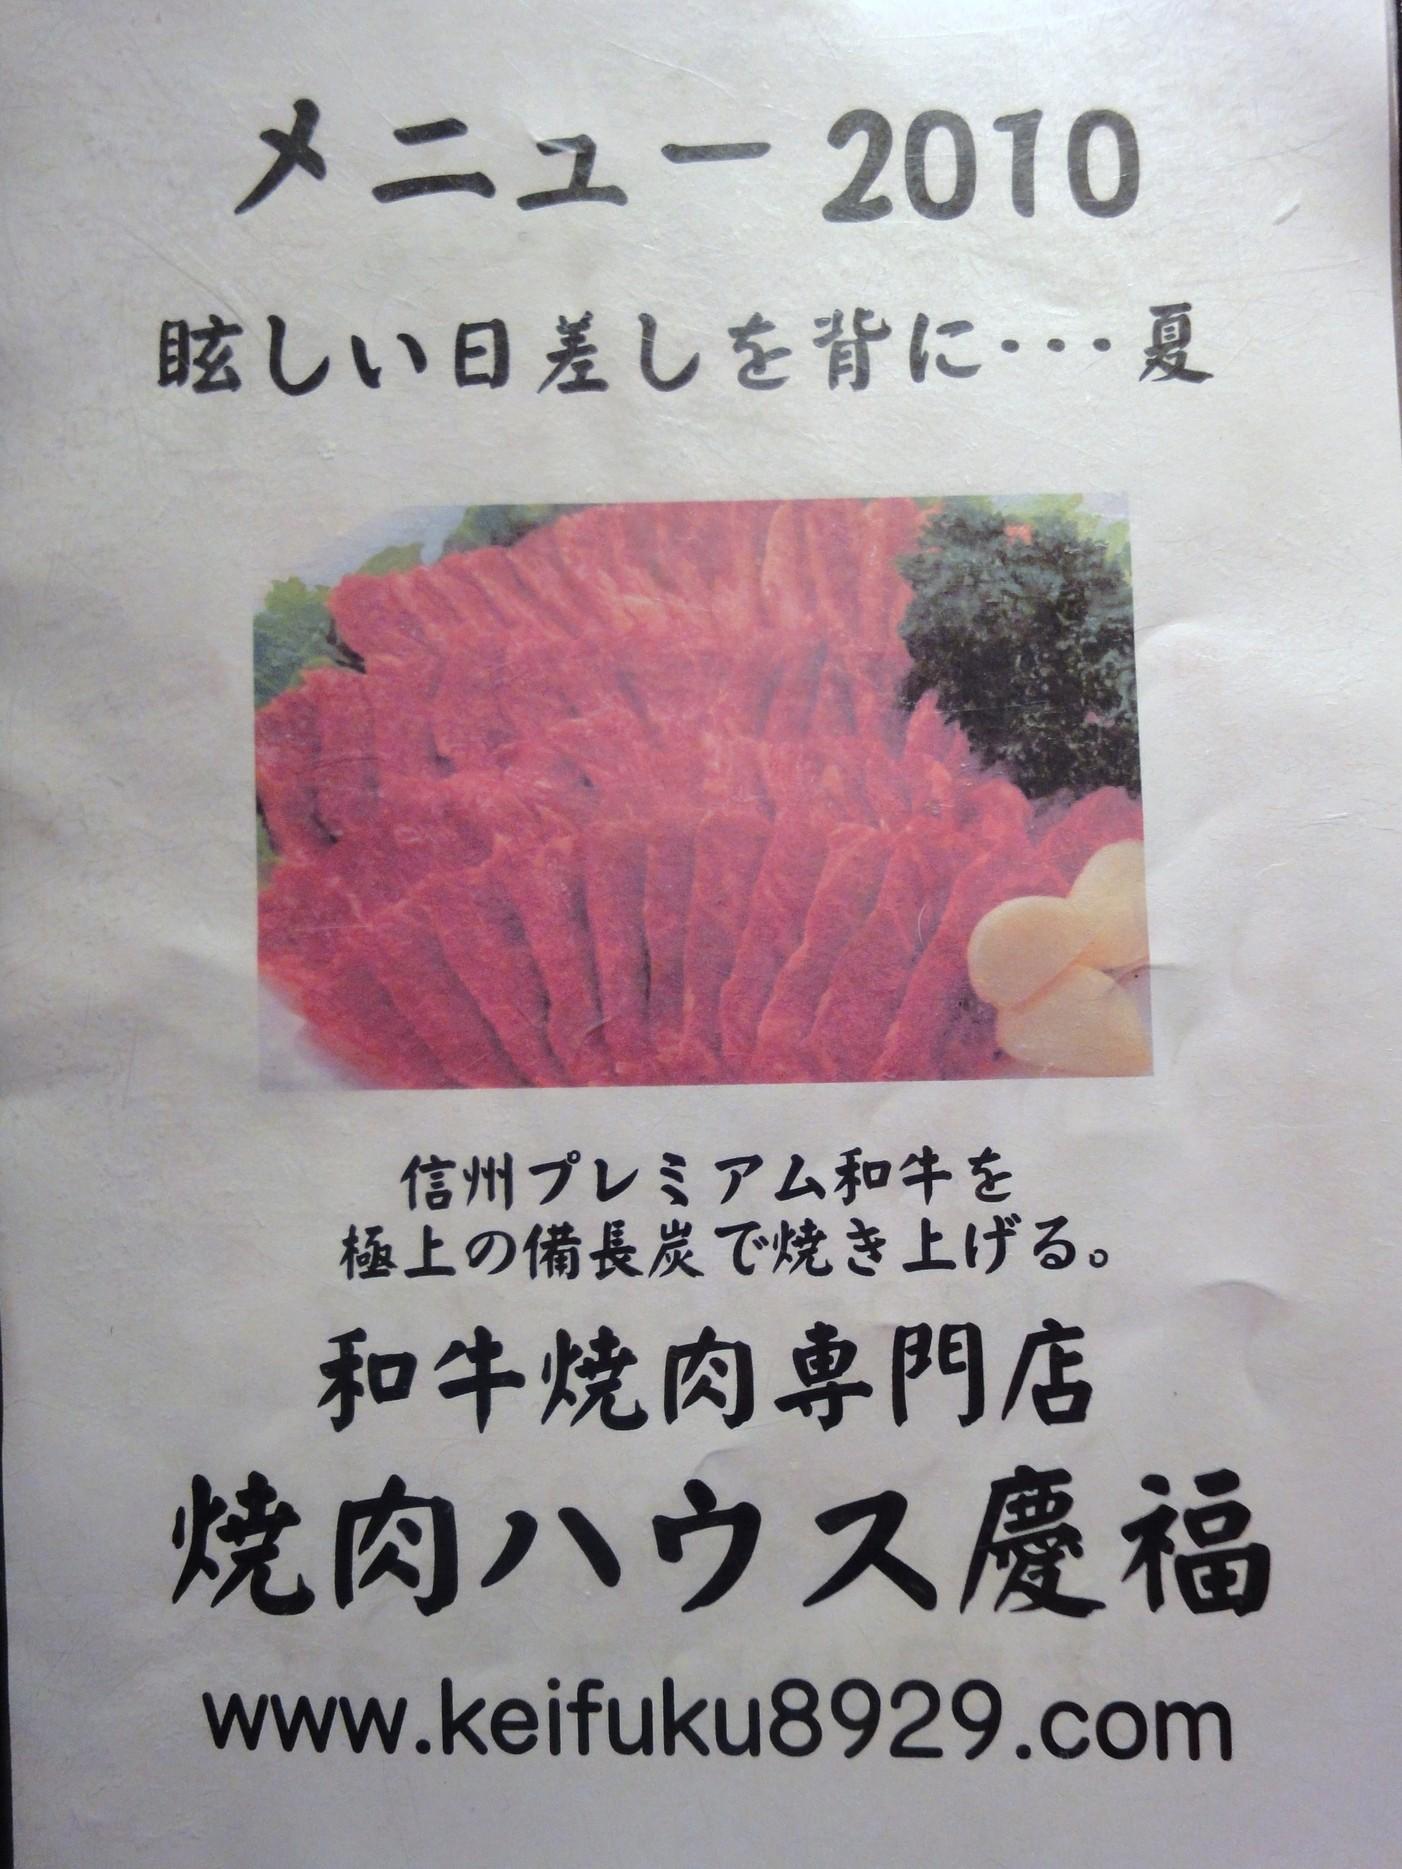 焼肉ハウス 慶福